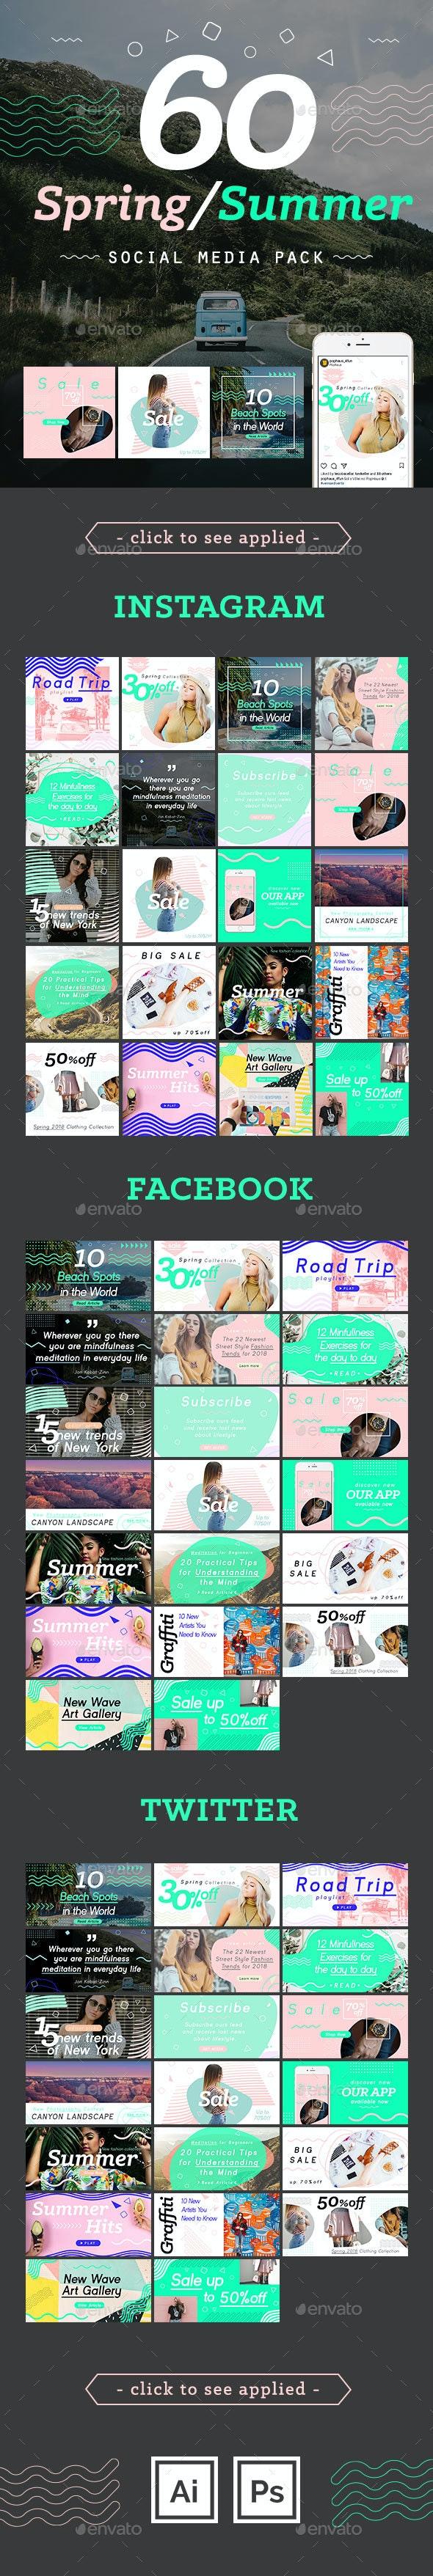 Spring/Summer Social Media Template Pack - Social Media Web Elements